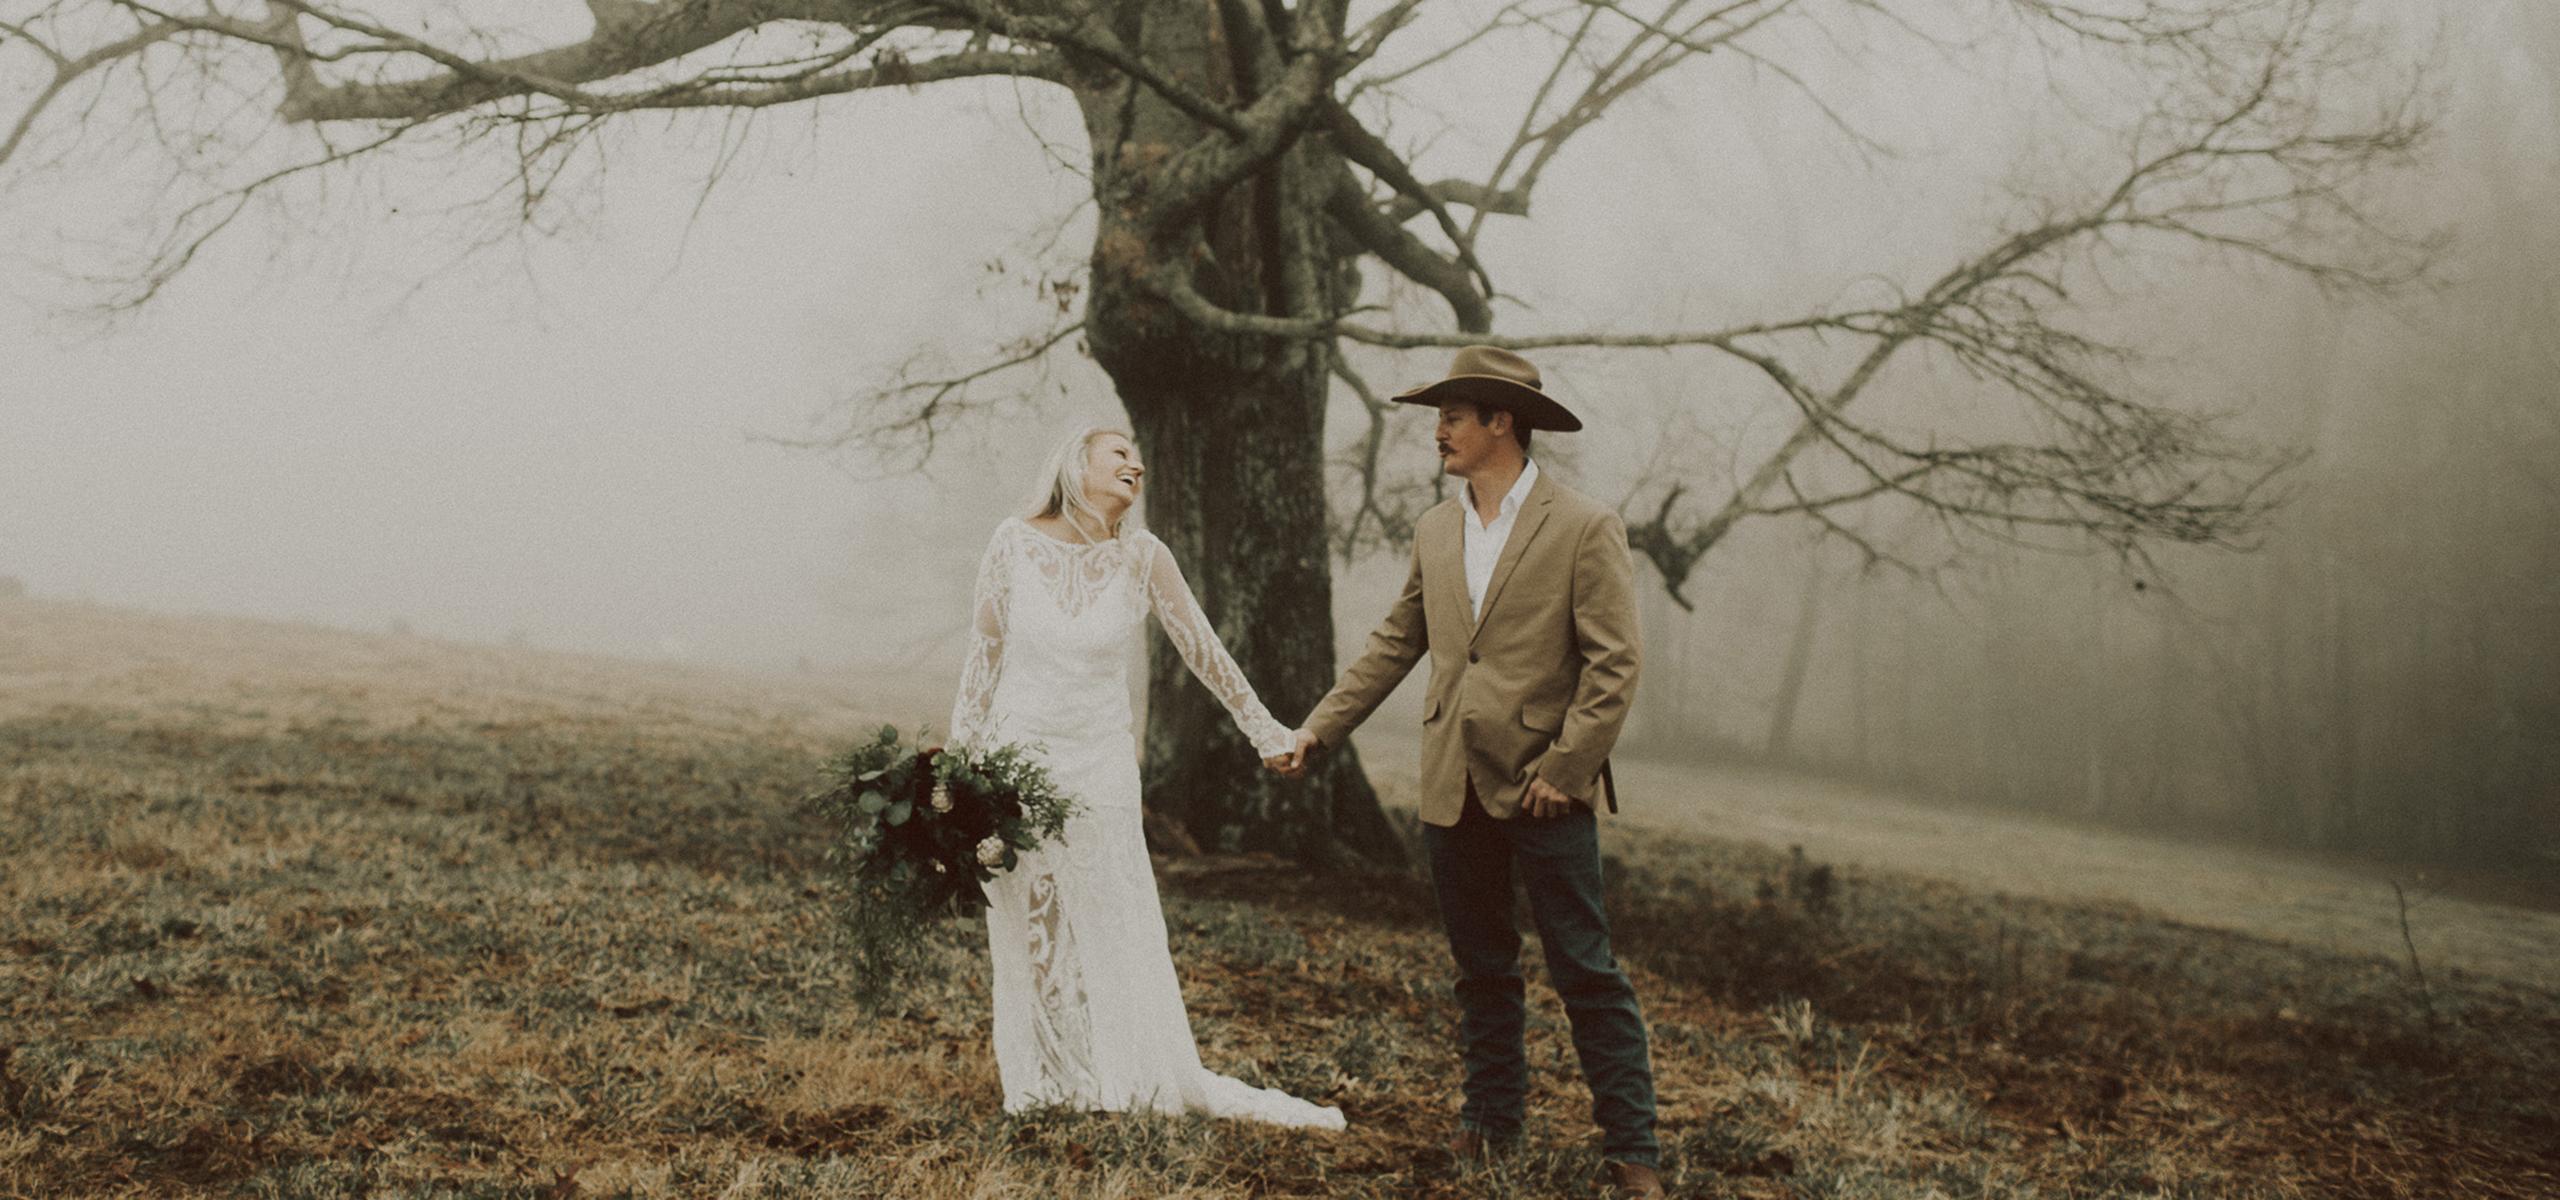 Jackson Hole Wyoming Wedding Photography + Elopement Photography